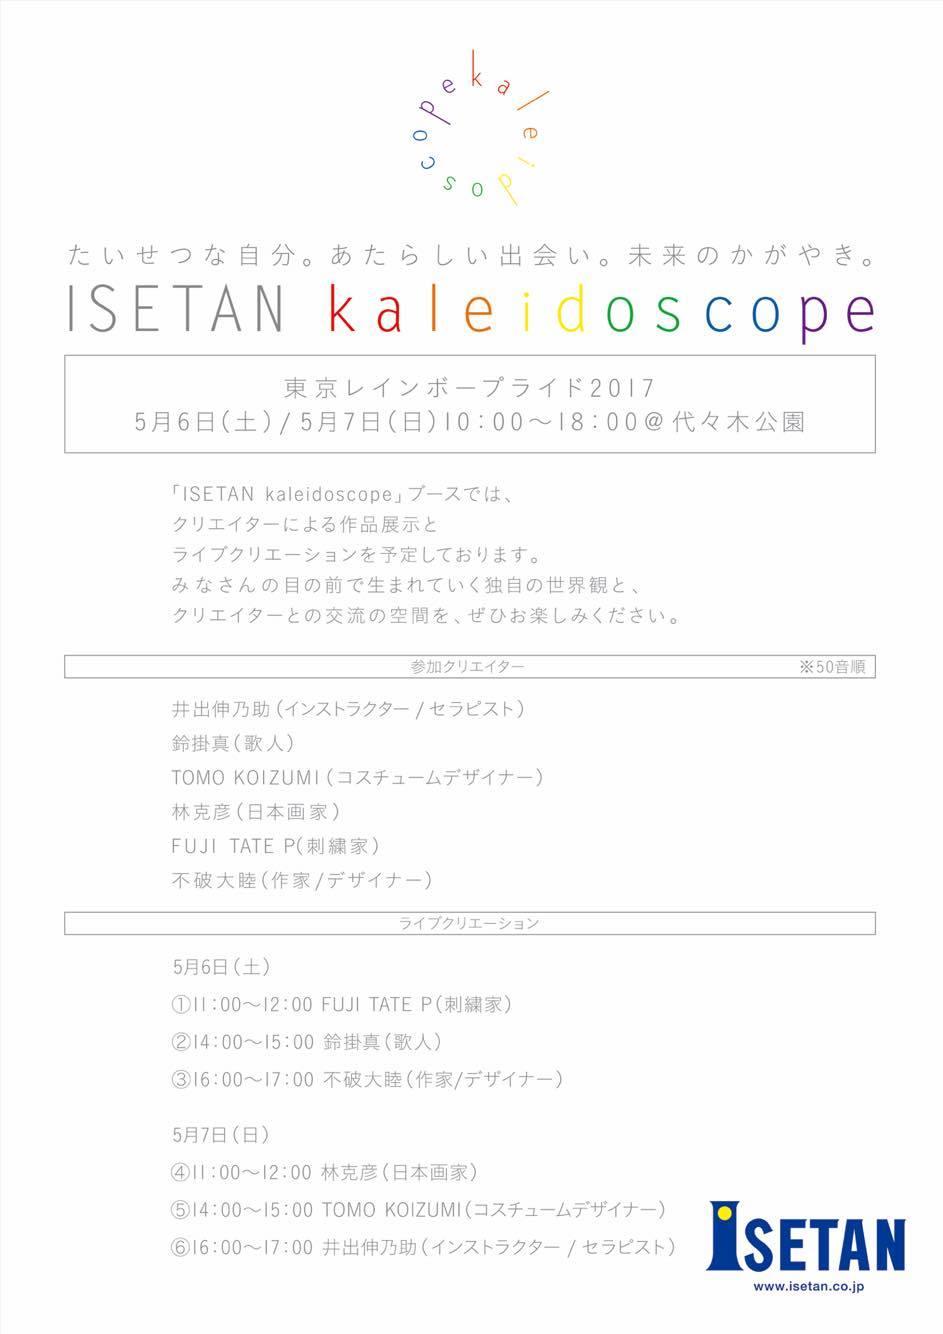 ISETAN_kaleidoscope201702